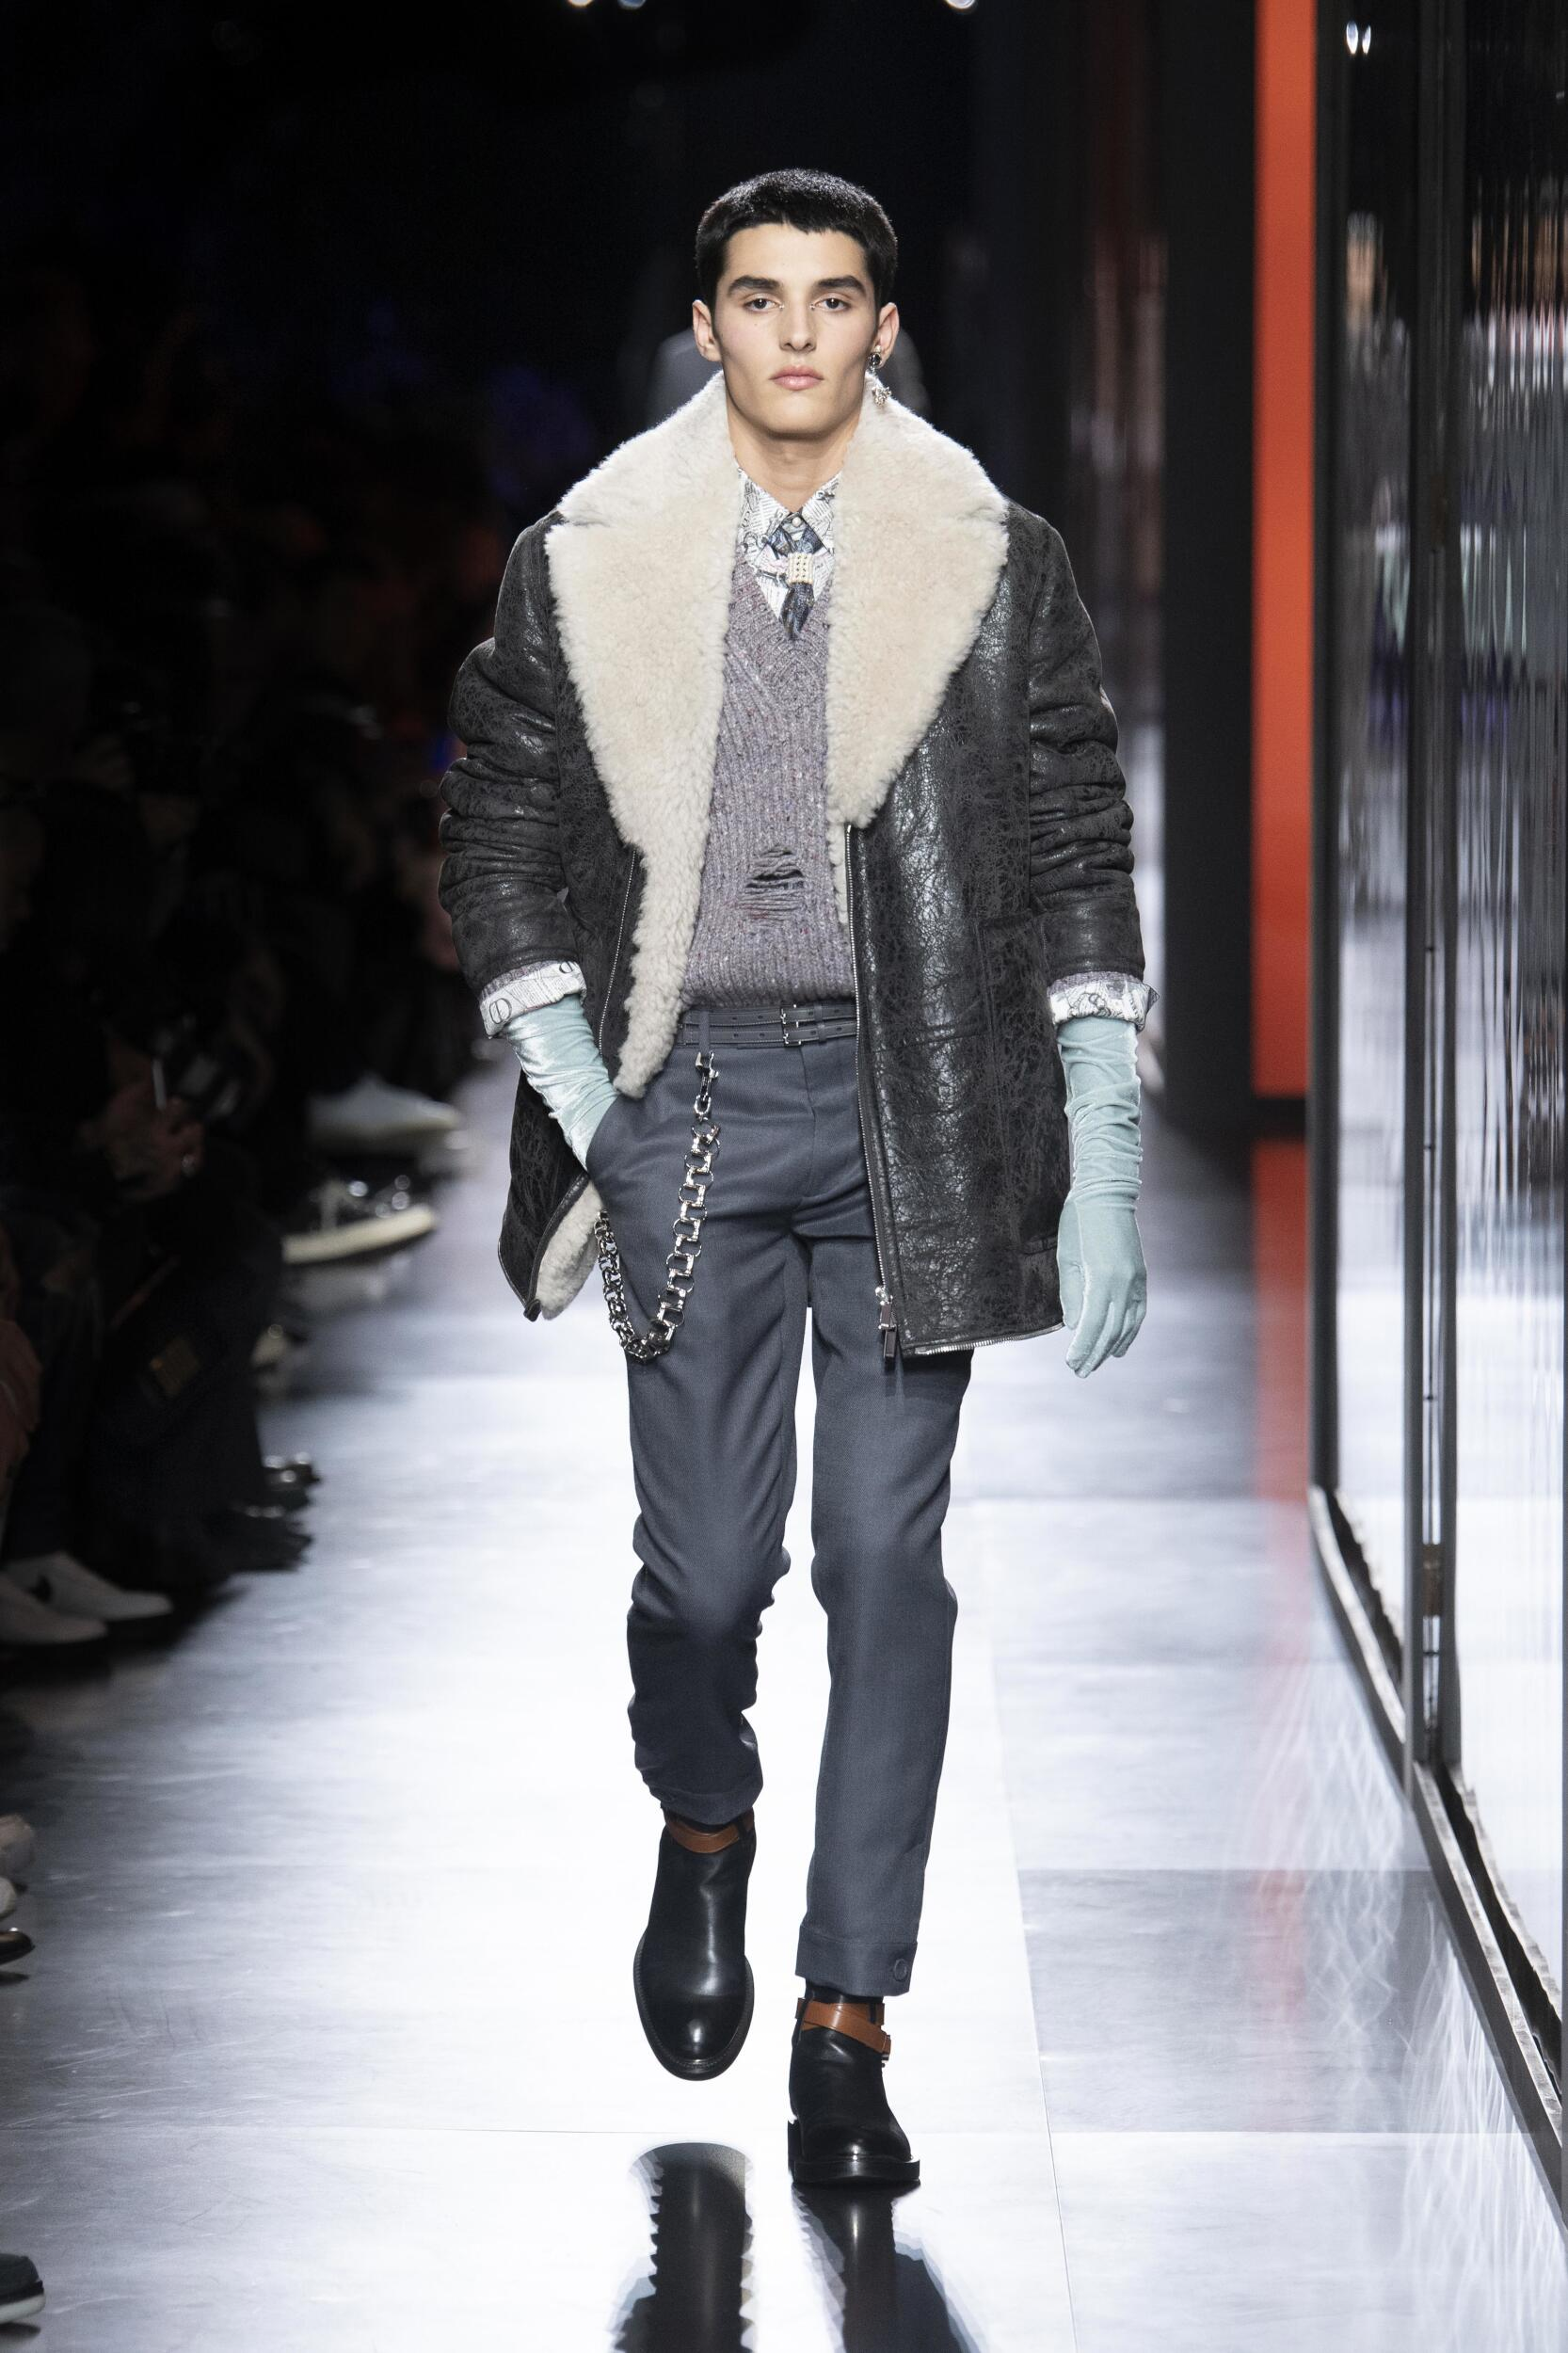 Man FW 2020 Dior